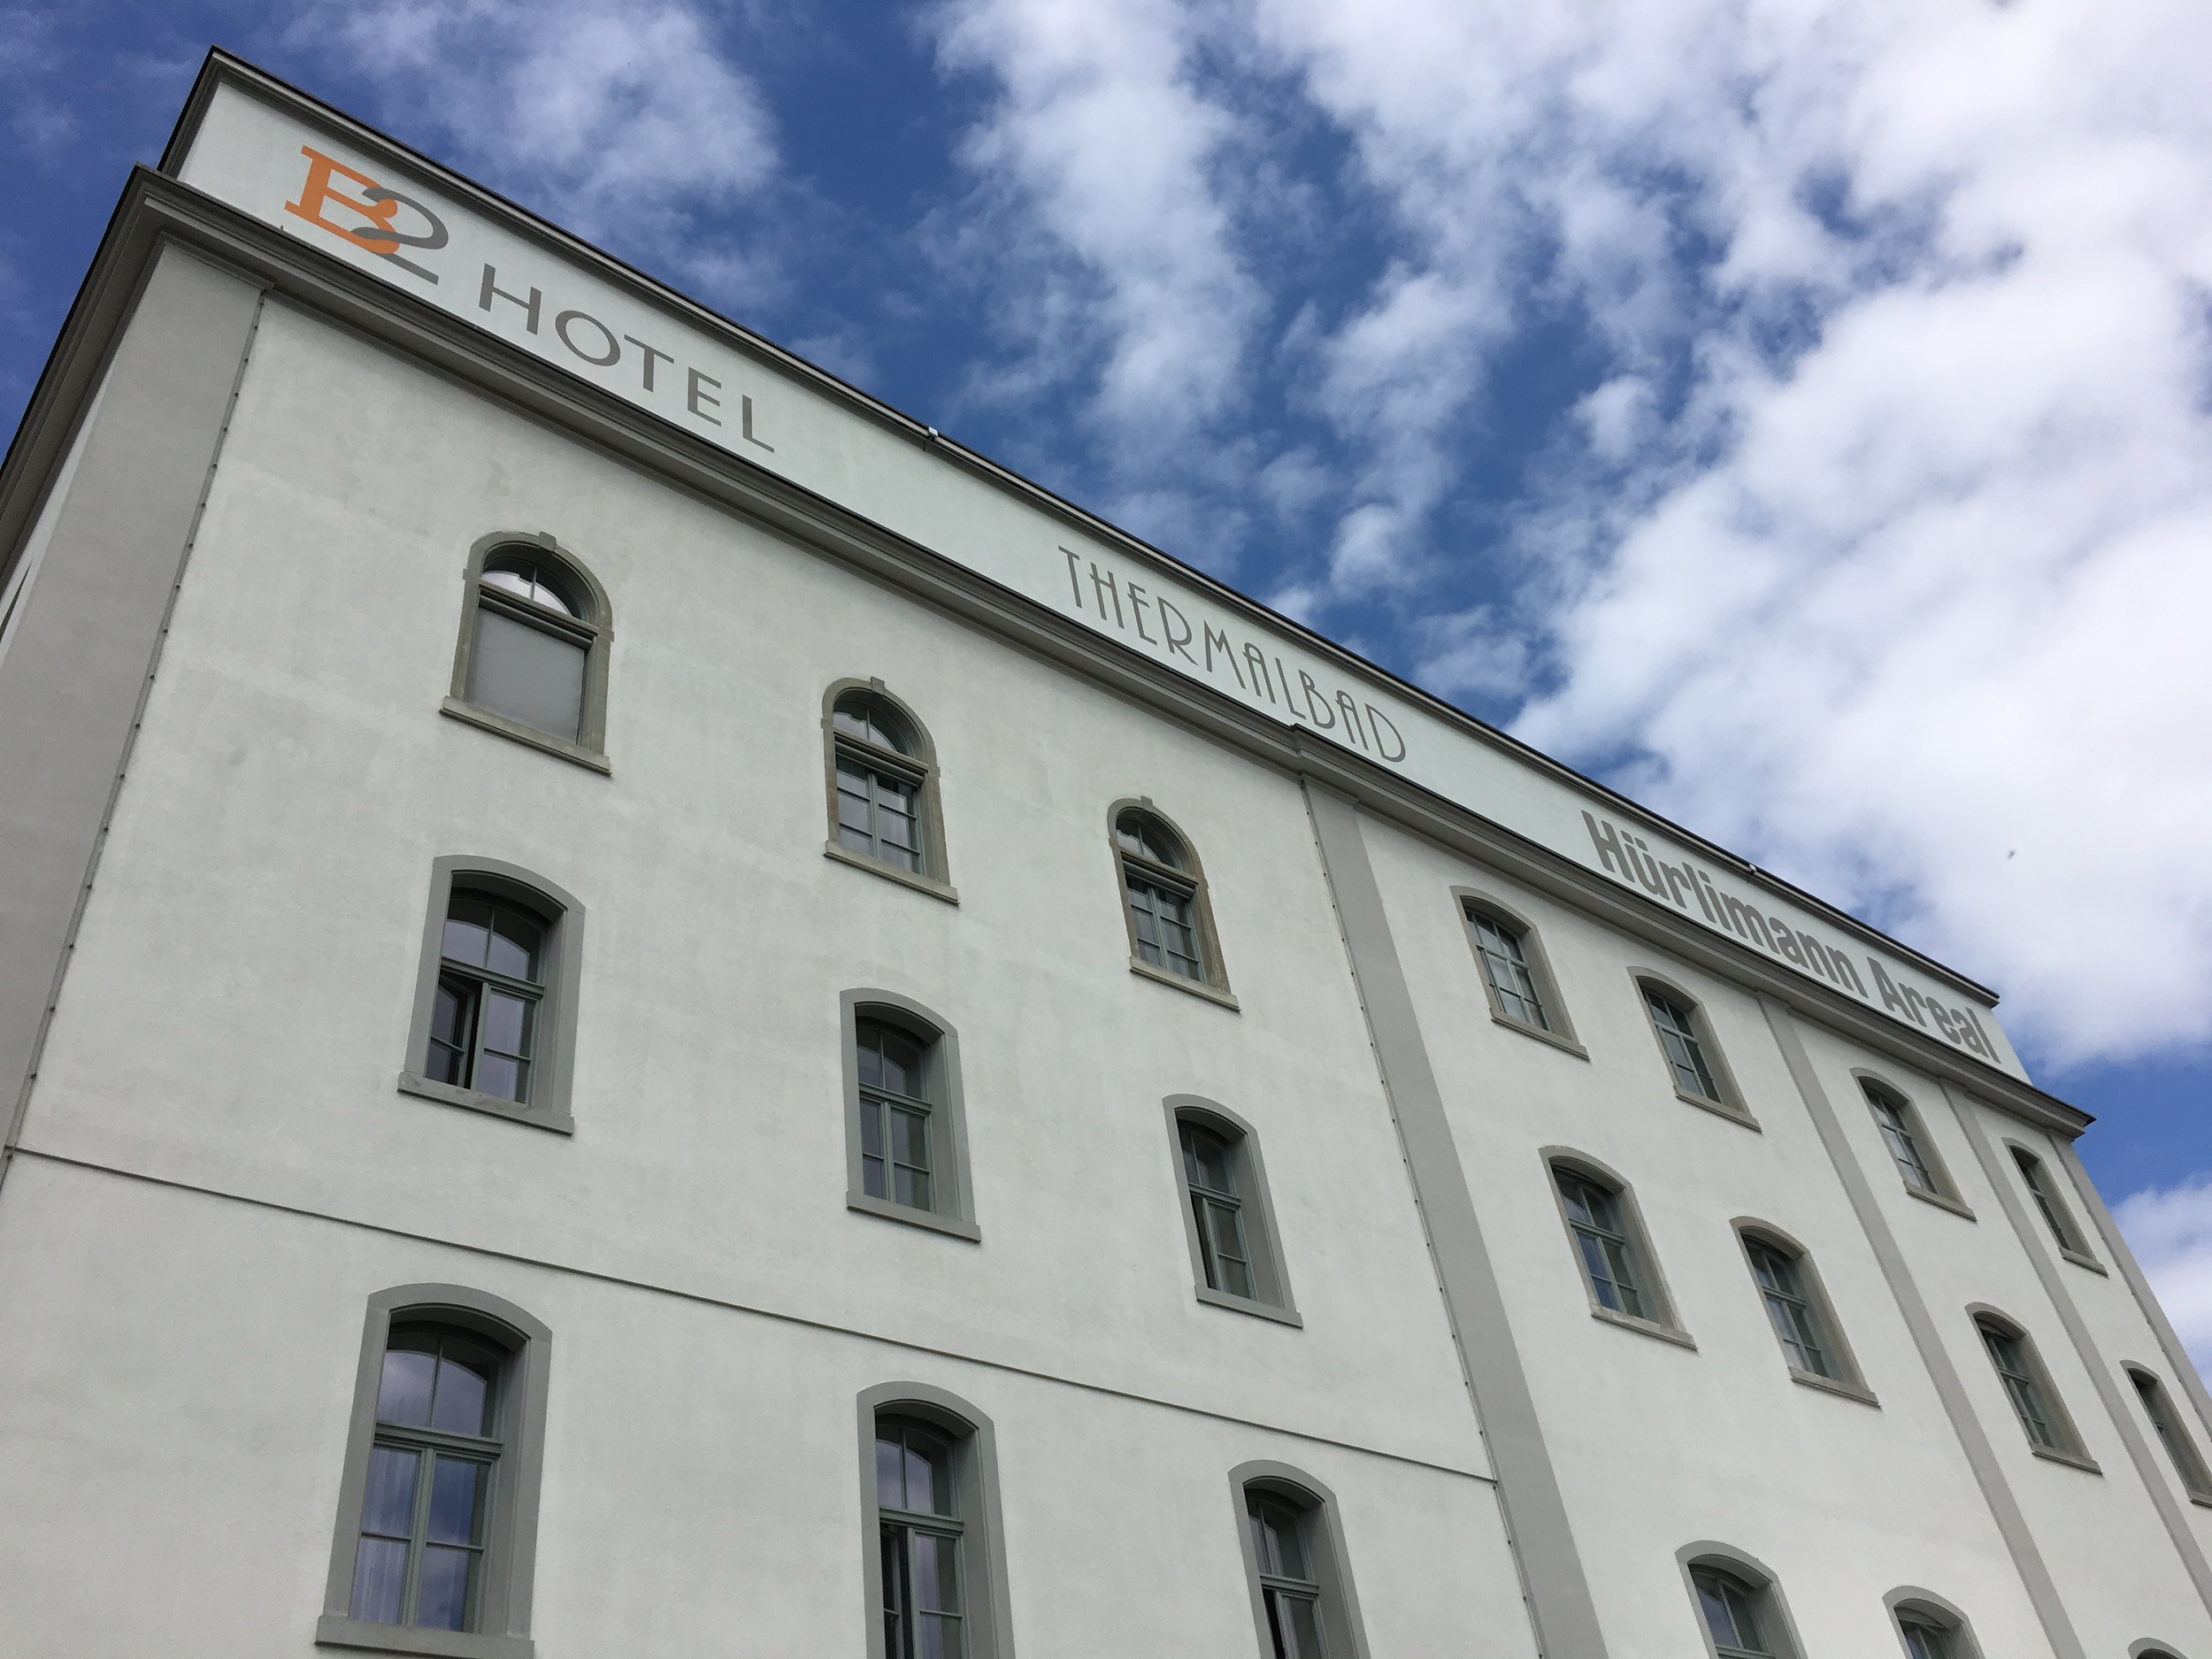 B2 Boutique Hotel & Spa in Zurich. /© Eileen Hsieh